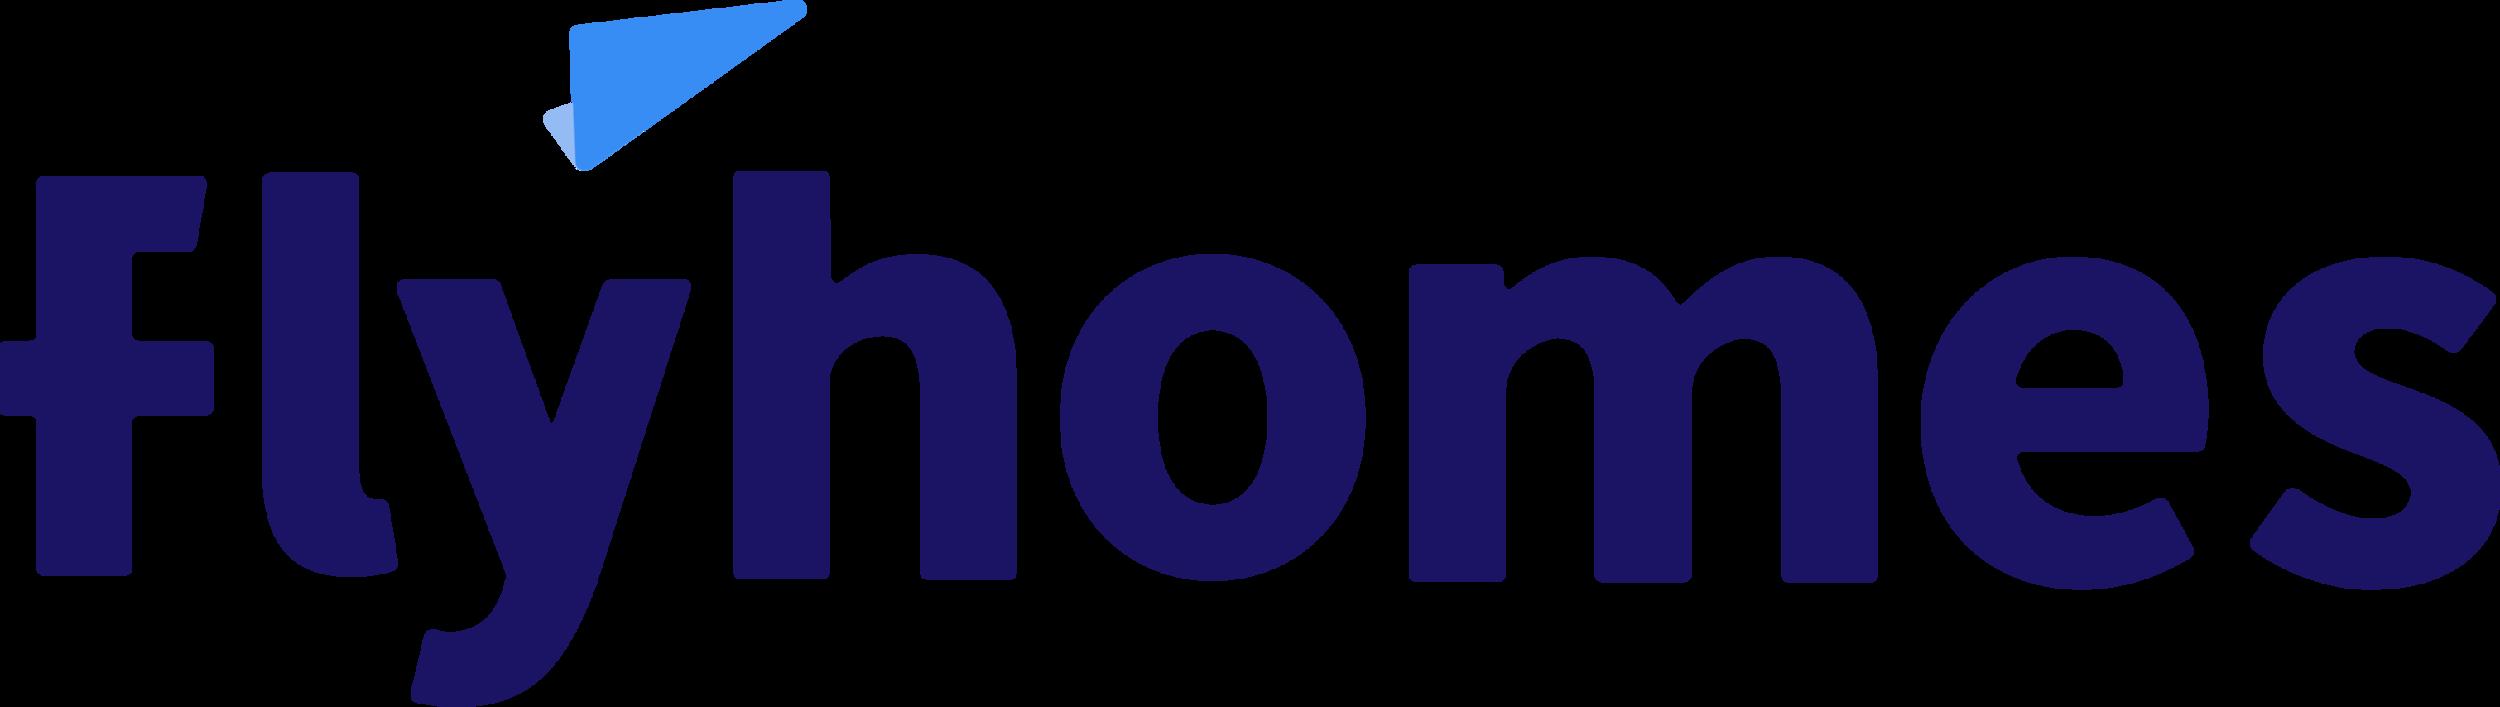 1Main logo - Full color.png